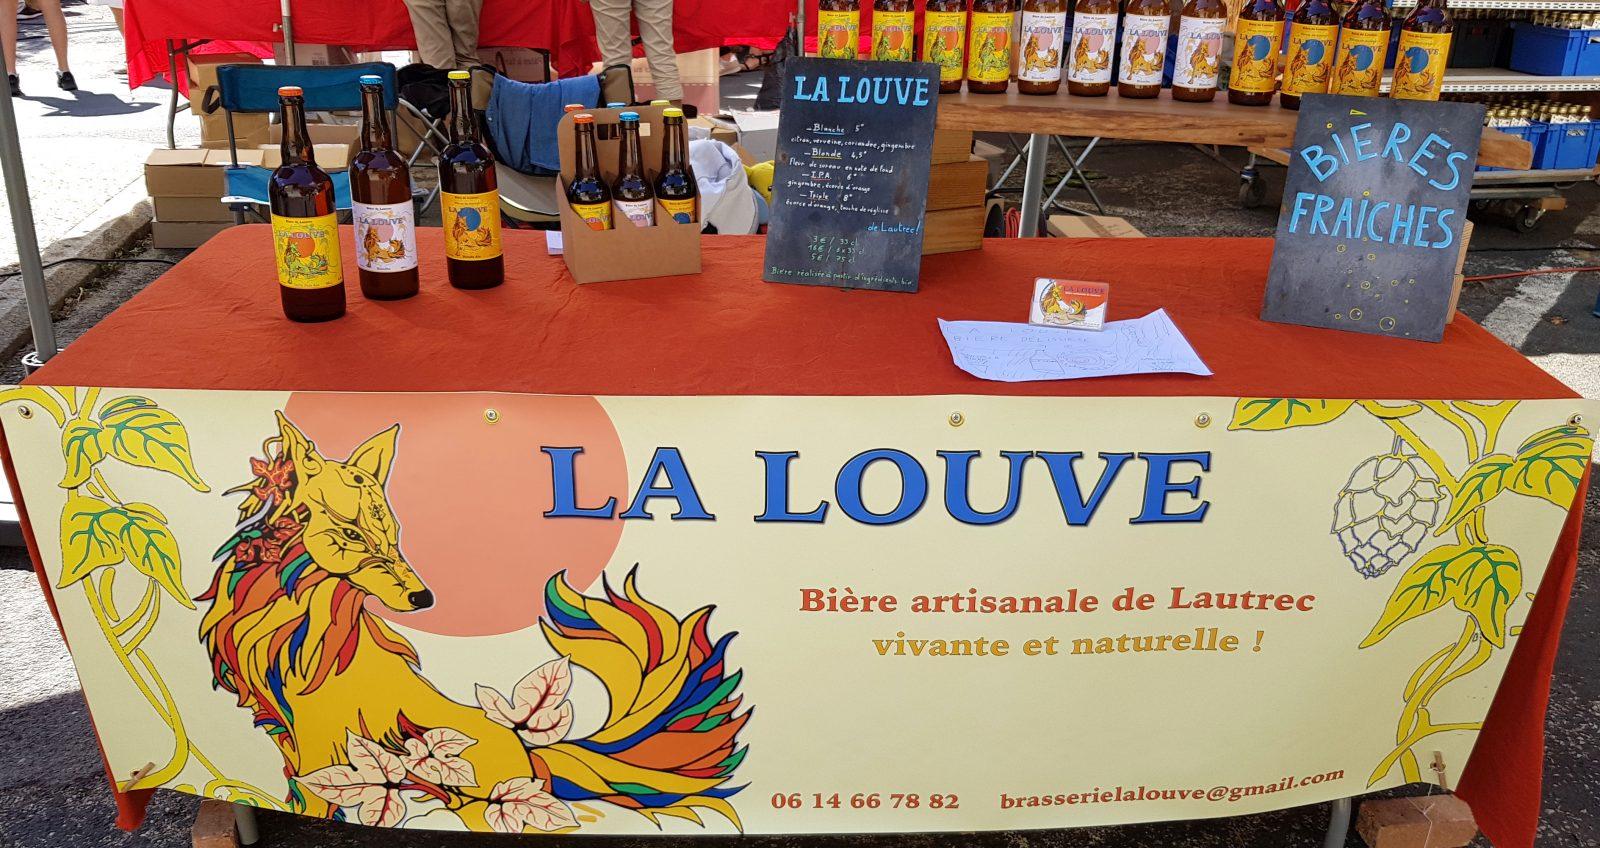 Brasserie La Louve